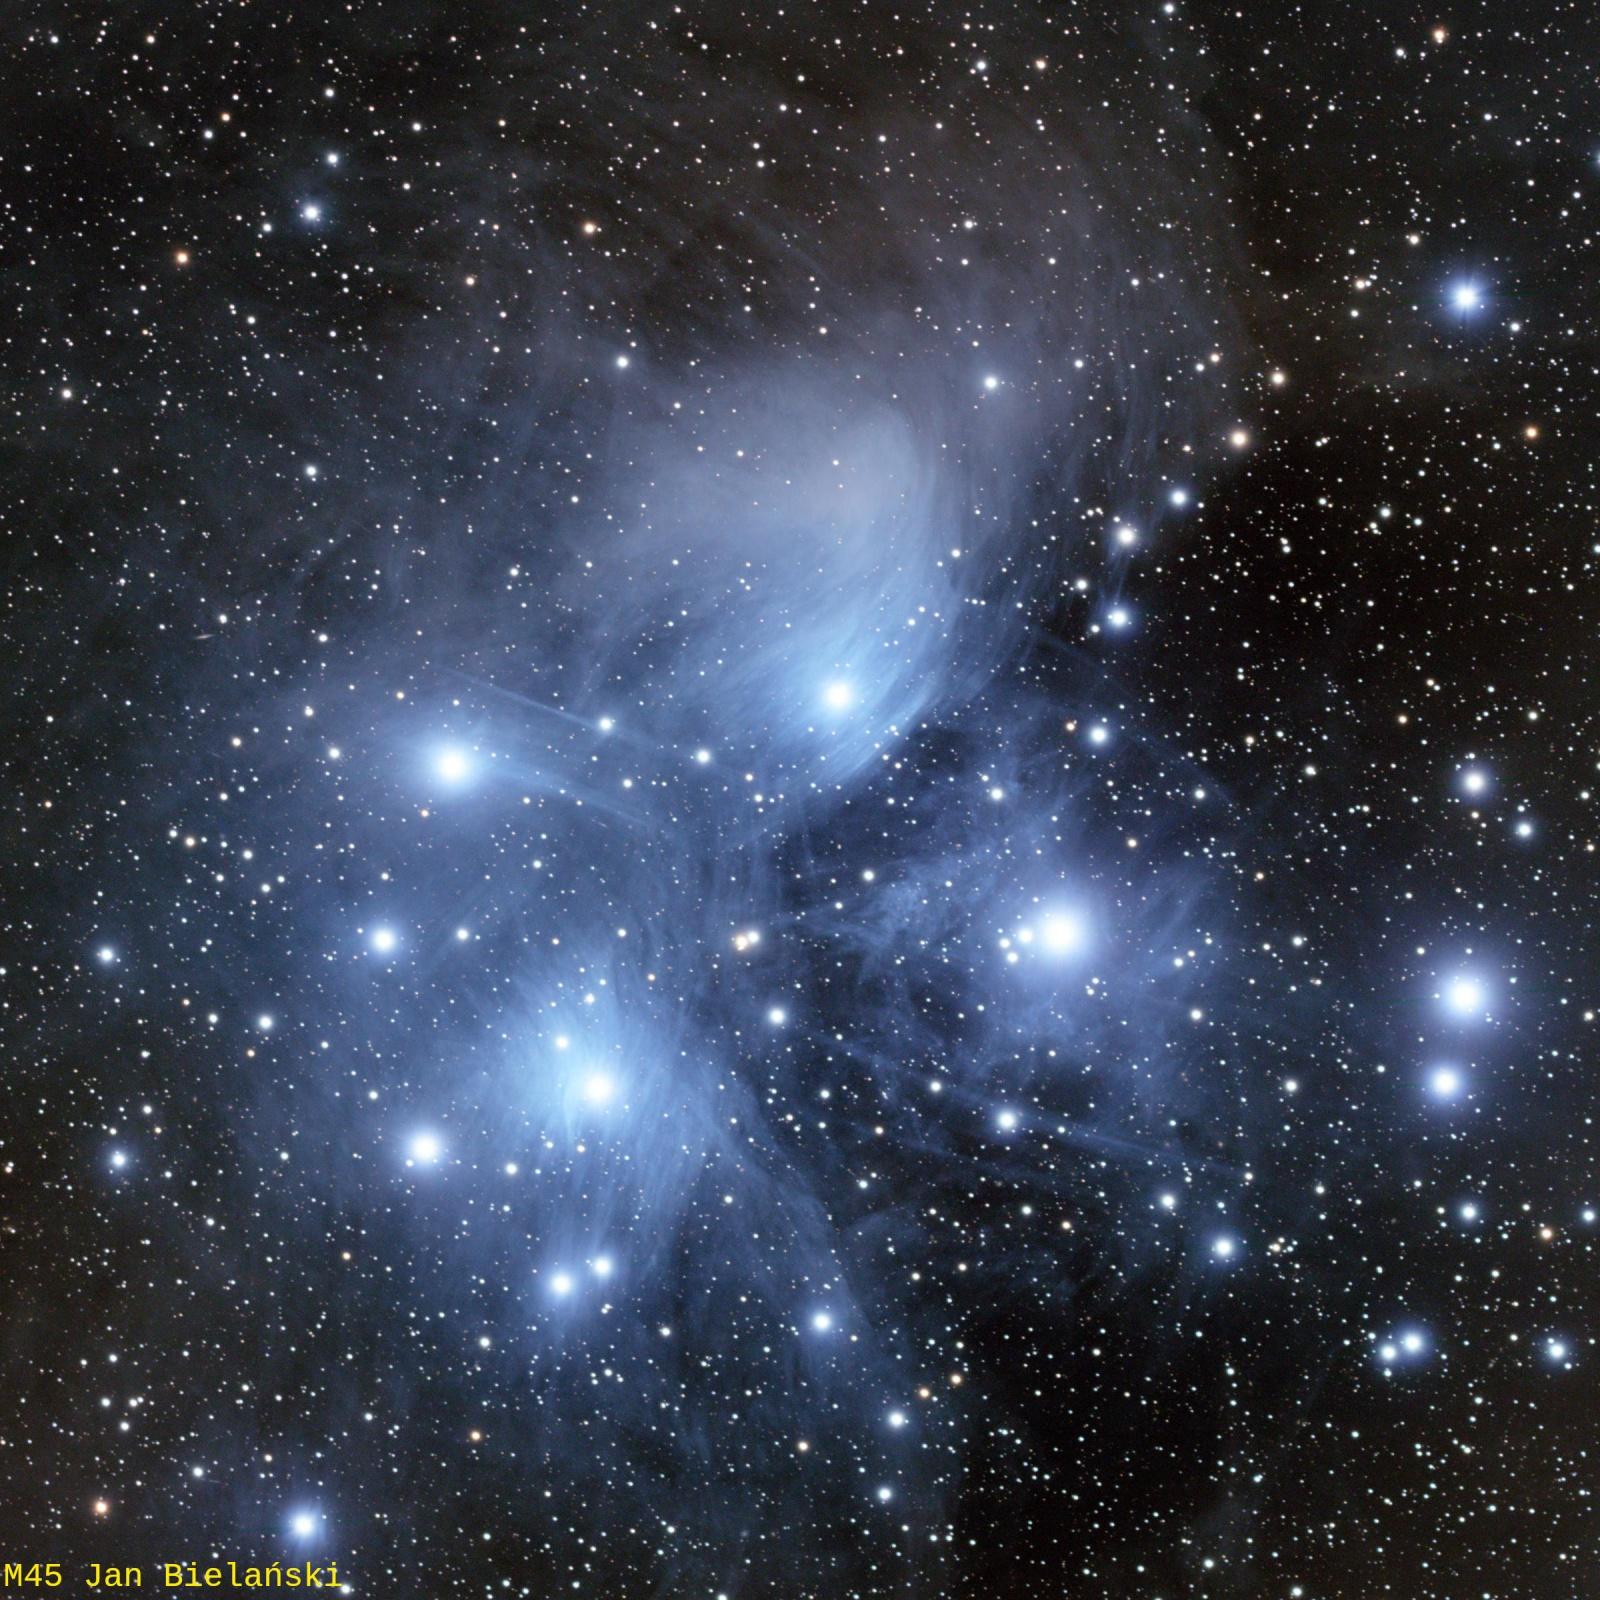 M45_LRGB[17-15-18-15]_-14.9C_65x300s_2400x2400.jpg